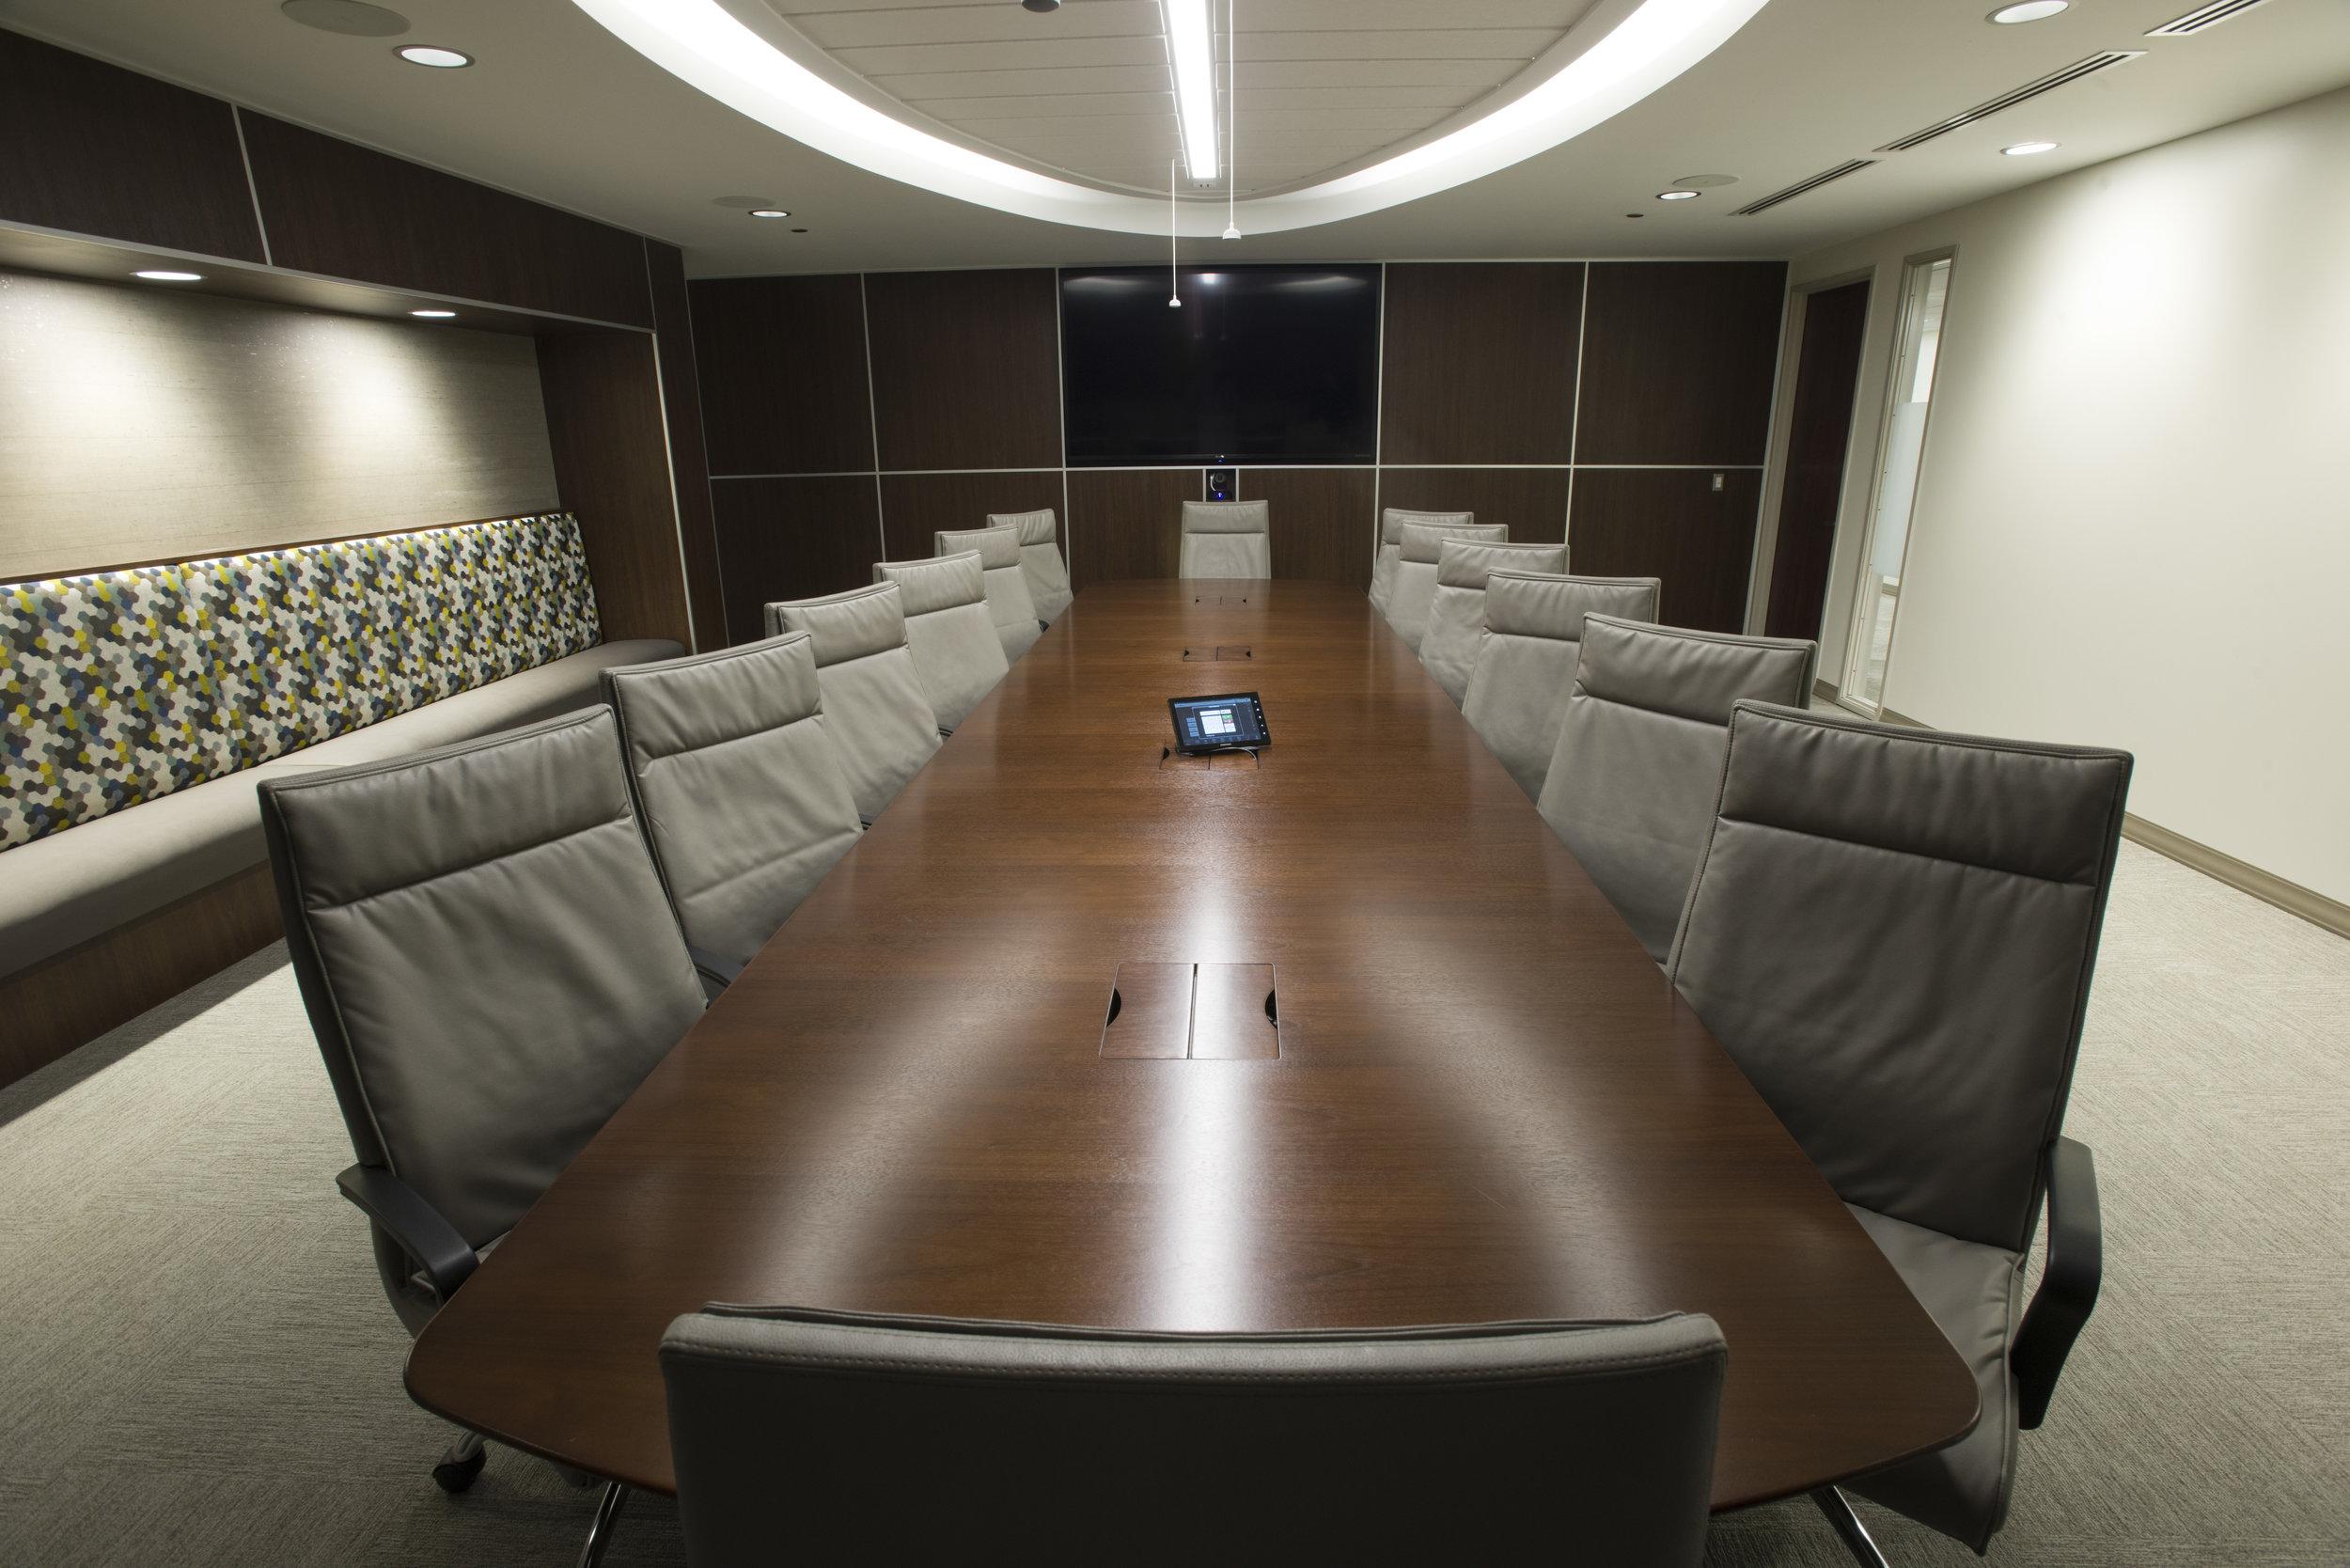 taqa corporate office interior. NBS.PC.2017.0025.jpg Taqa Corporate Office Interior